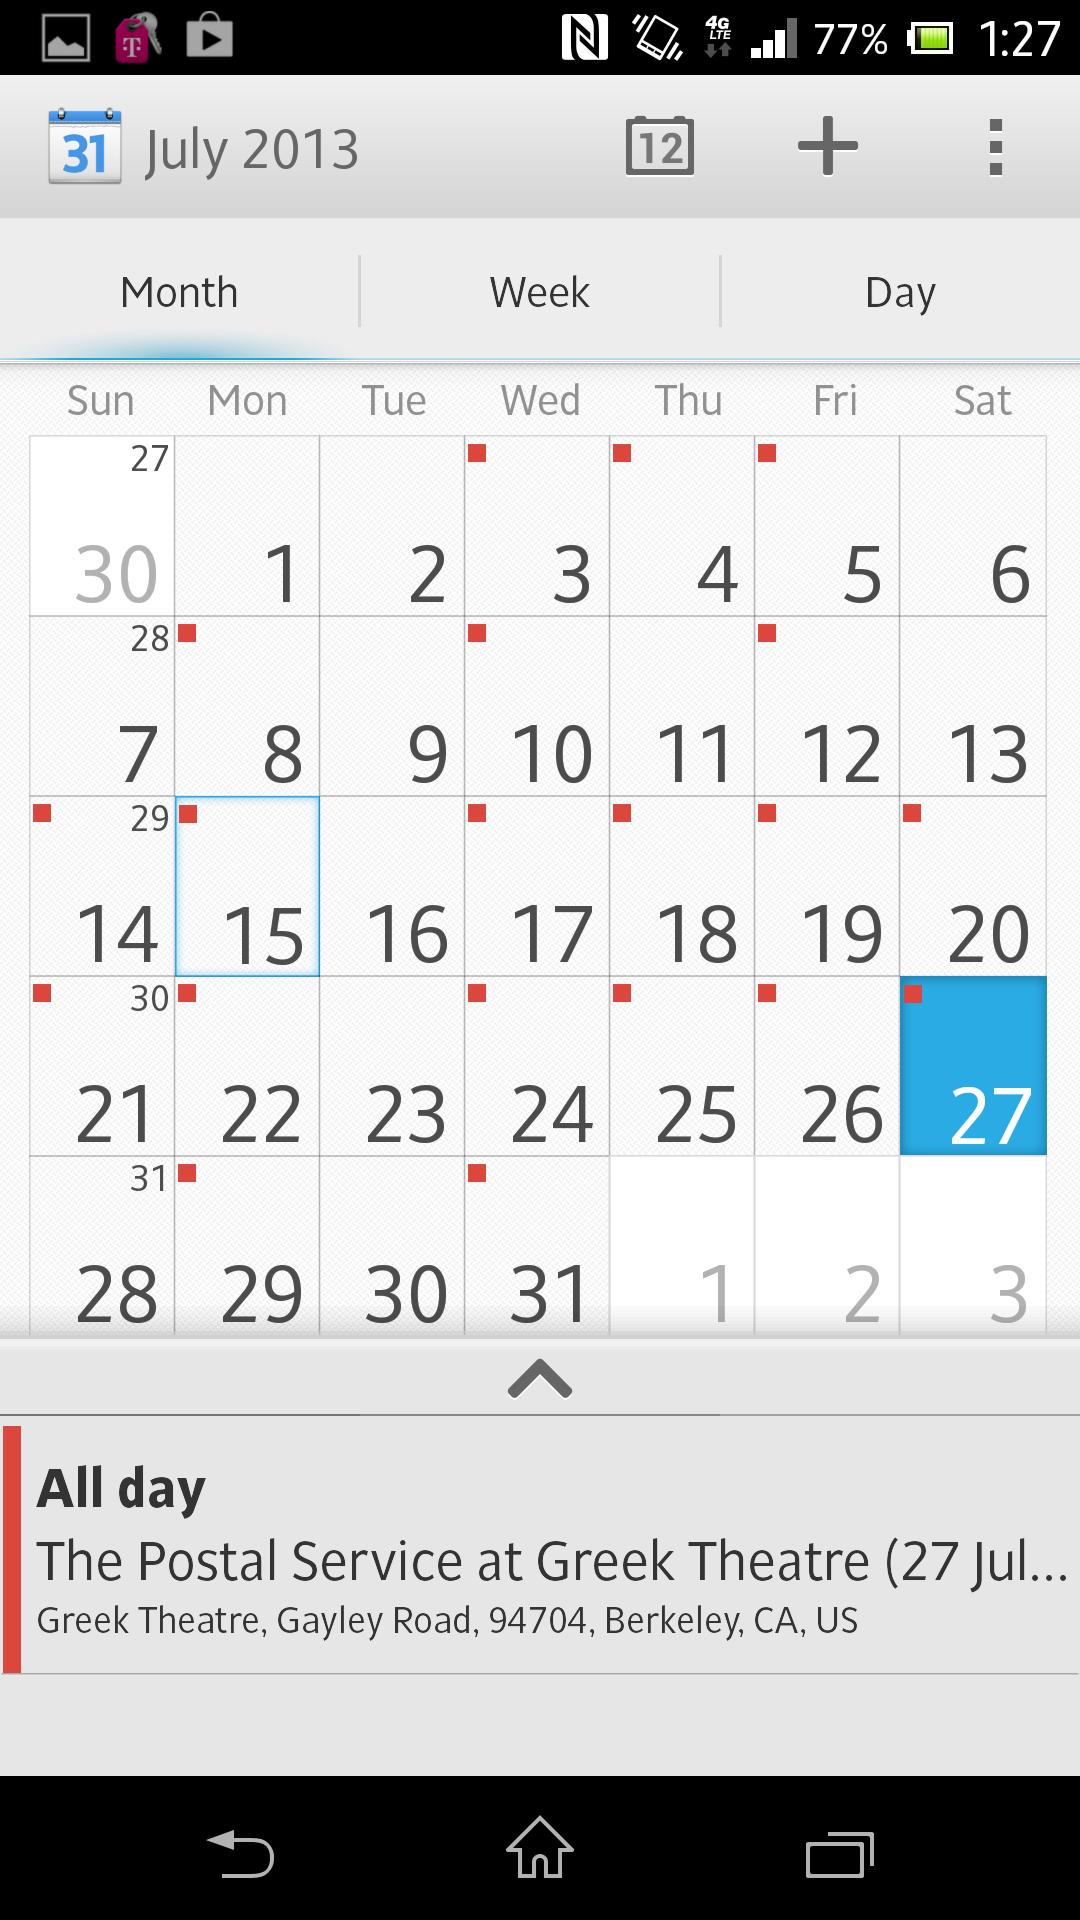 Sony's calendar app.